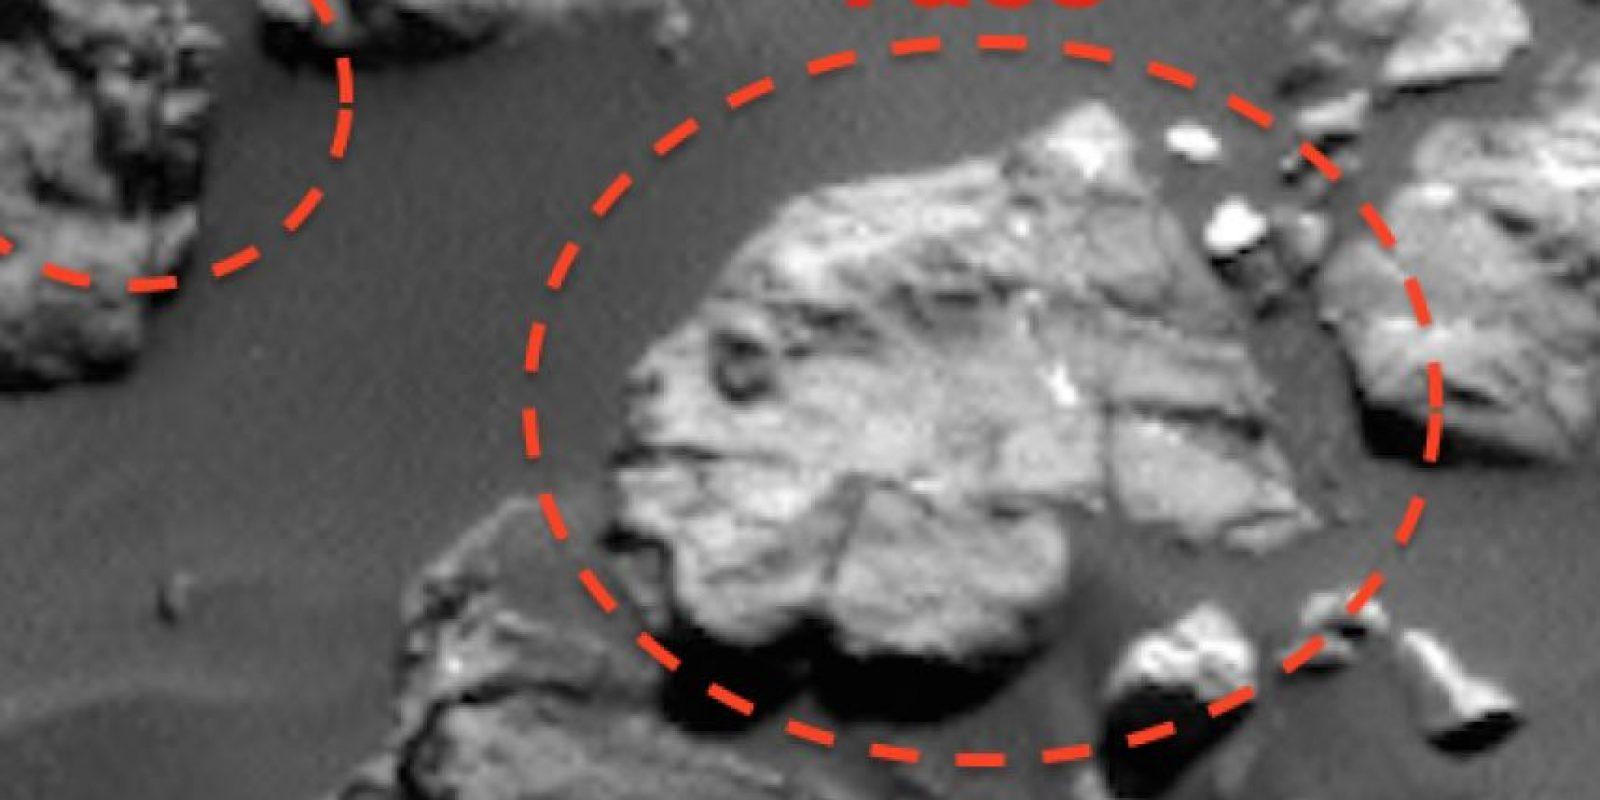 """Este es el supuesto """"rostro humano"""" encontrado en Marte Foto:NASA"""